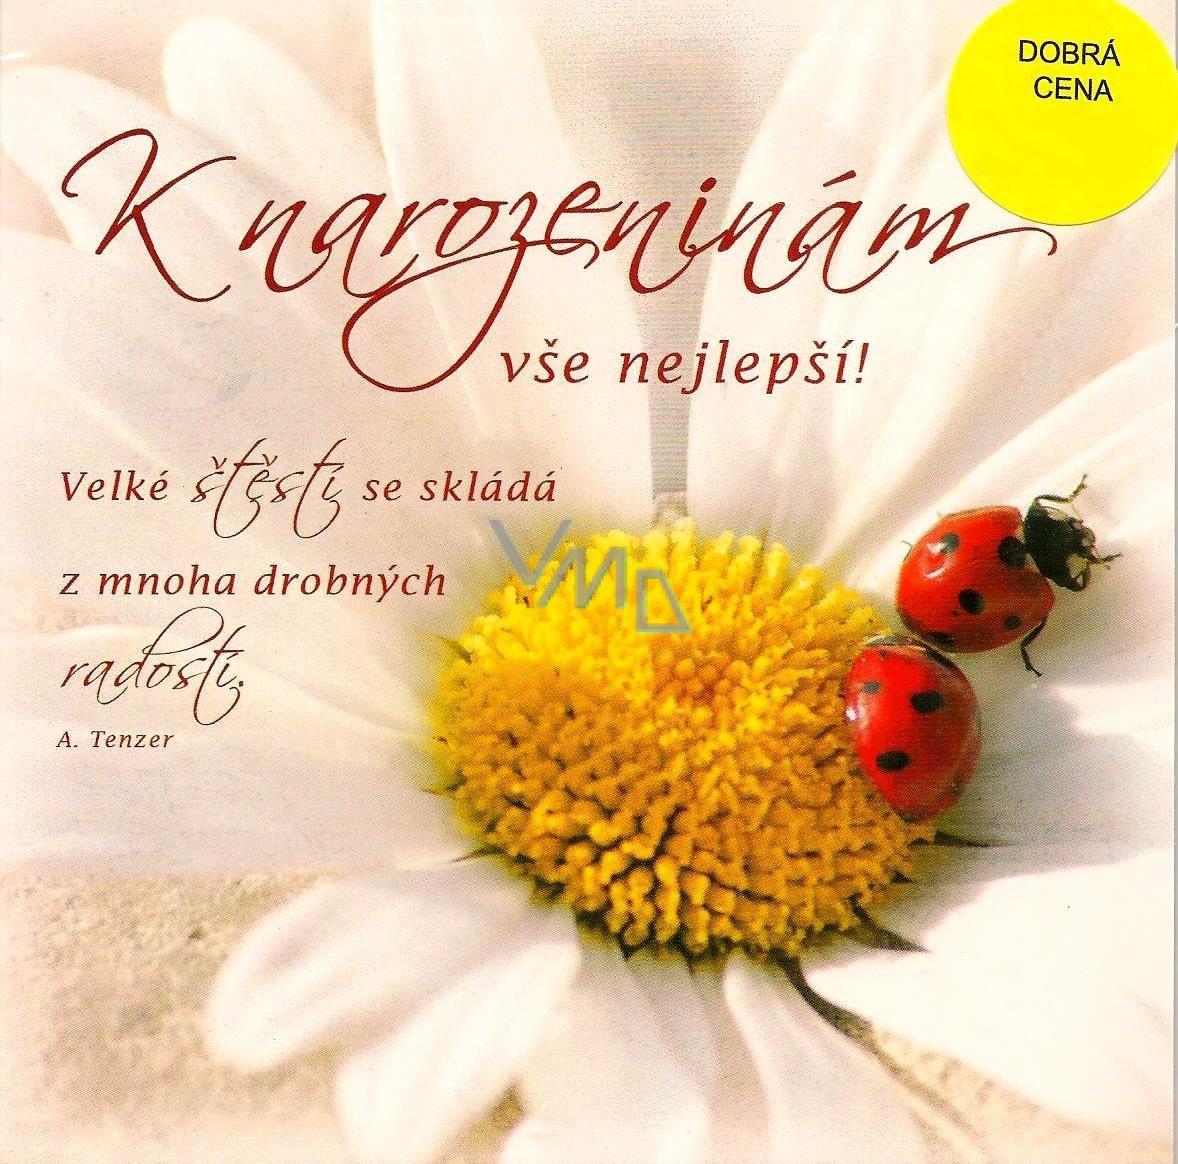 www blahopřání k narozeninám Nekupto Přání k narozeninám 2 berušky   VMD parfumerie   drogerie www blahopřání k narozeninám